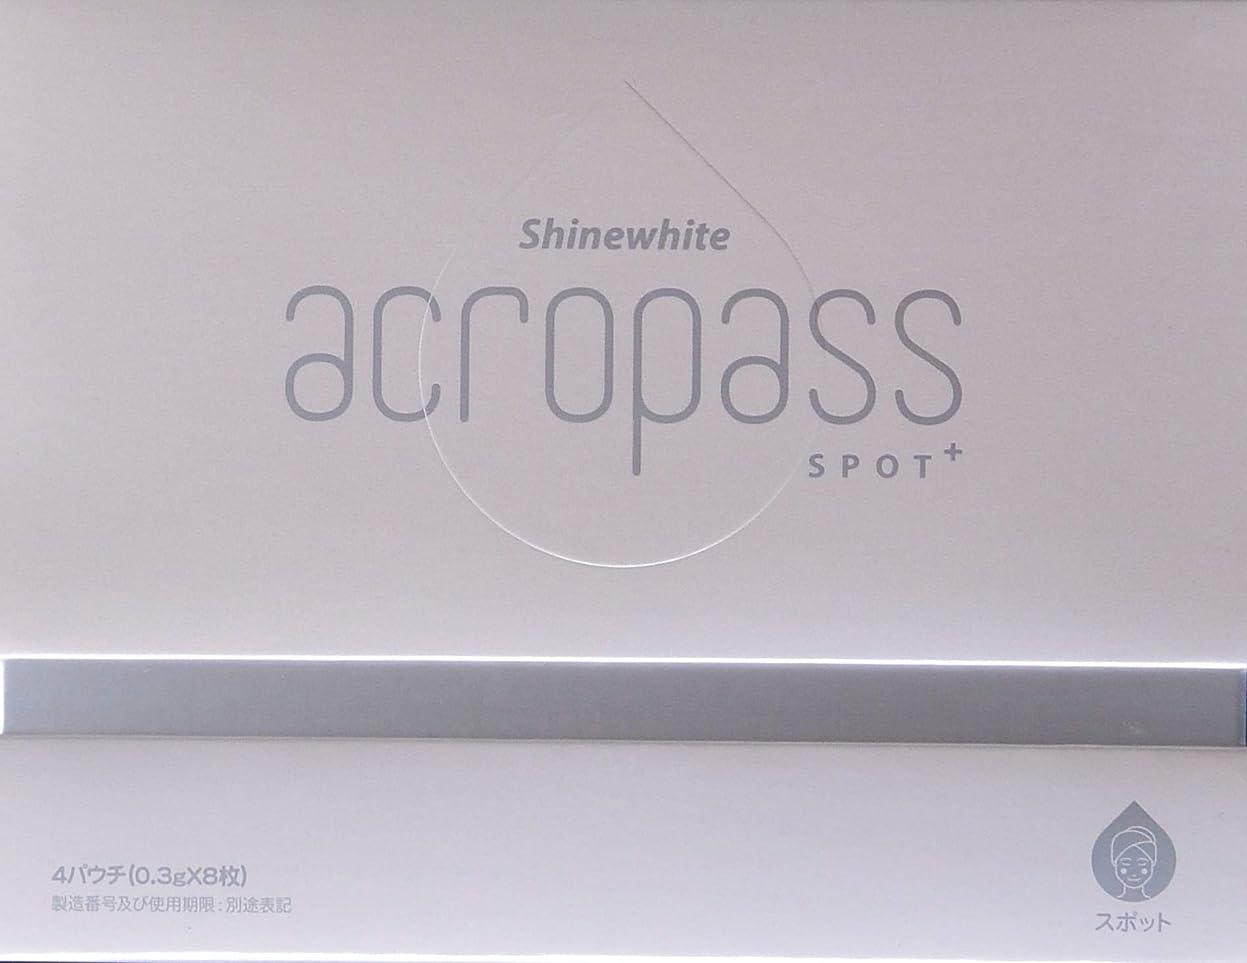 ラッシュファイバ贅沢アクロパス スポットプラス 1箱:4パウチ(1パウチに2枚入り)【送料無料】美白効果をプラスしたアクロパス、ヒアルロン酸+4種の美白成分配合マイクロニードルパッチ